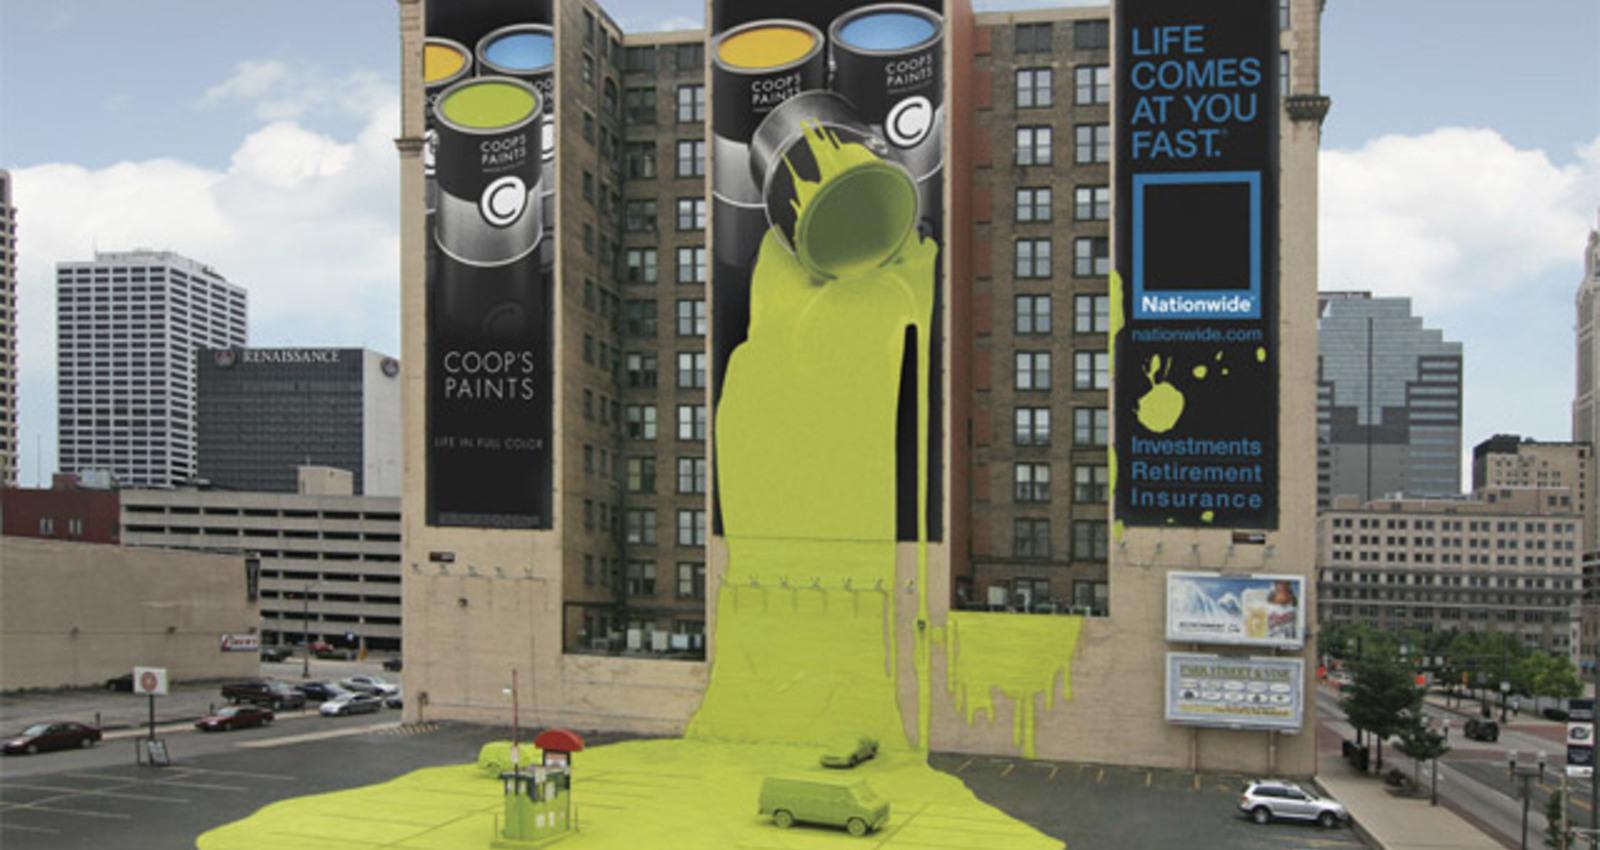 Coops Paint Wallscape